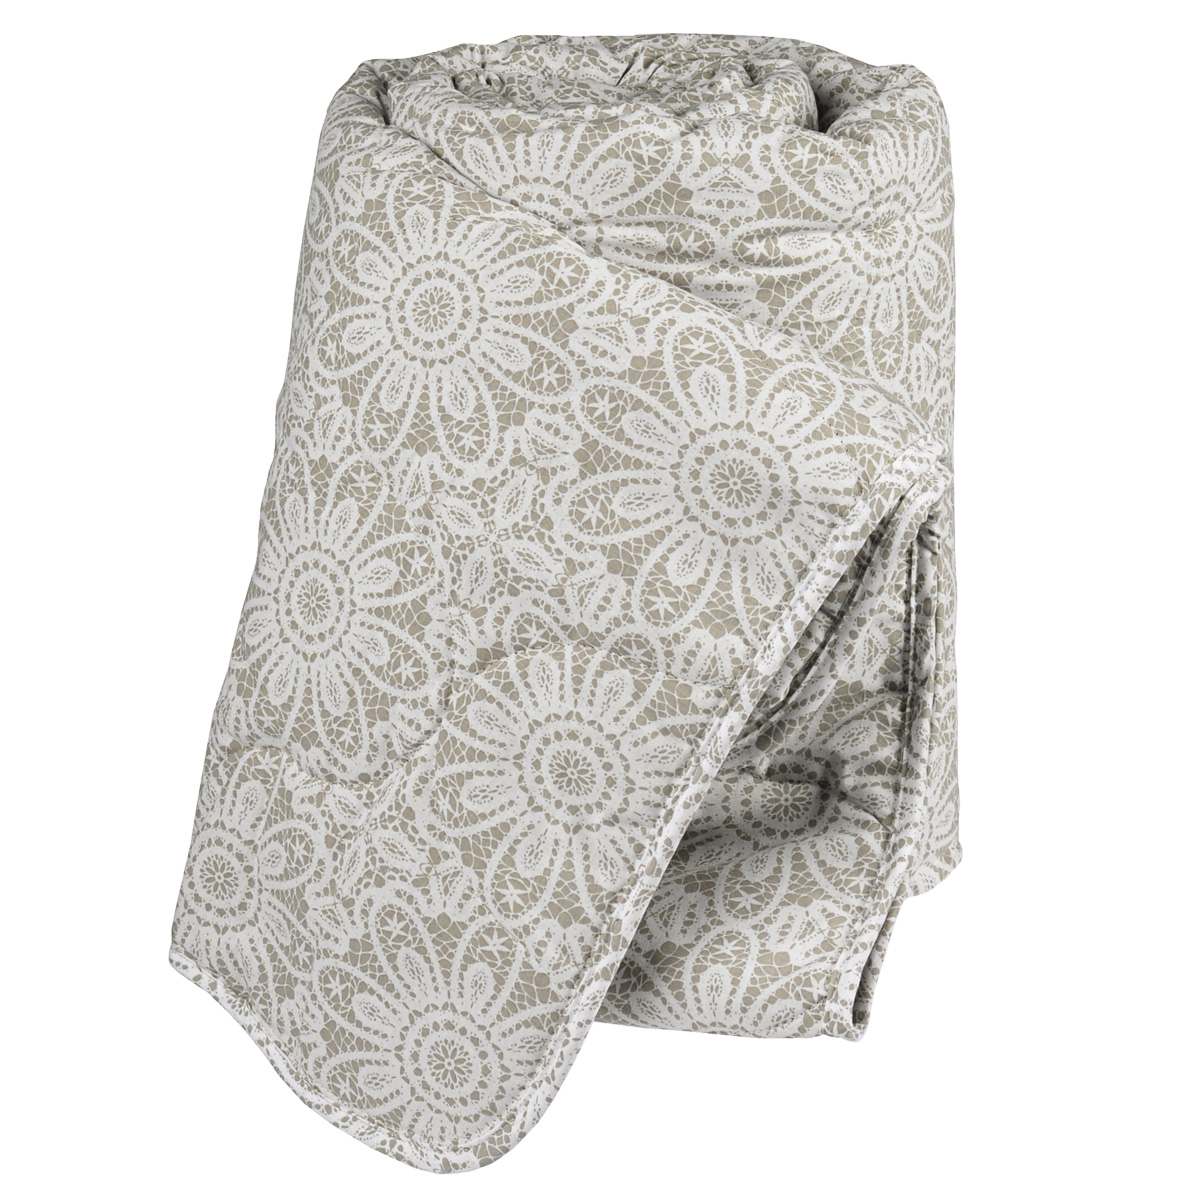 Одеяло Green Line Лен, наполнитель: льняное волокно, 140 см х 205 см187855Мягкое и комфортное одеяло Green Line Лен подарит вам незабываемое чувство уюта и умиротворения.Чехол выполнен из чистого хлопка. Одеяло поможет создать максимально удобные и благоприятные условия для сладкого сна. Преимущества льняного наполнителя:- имеет эффект активного дыхания,- природный антисептик,- холодит в жару и согревает в холод.Лен полезен для здоровья, обладает положительной энергетикой. Не стирать, не гладить.Материал верха: 100% хлопок. Наполнитель: 90% льняное волокно, 10% полиэстер. Масса наполнителя: 300 г/м2.